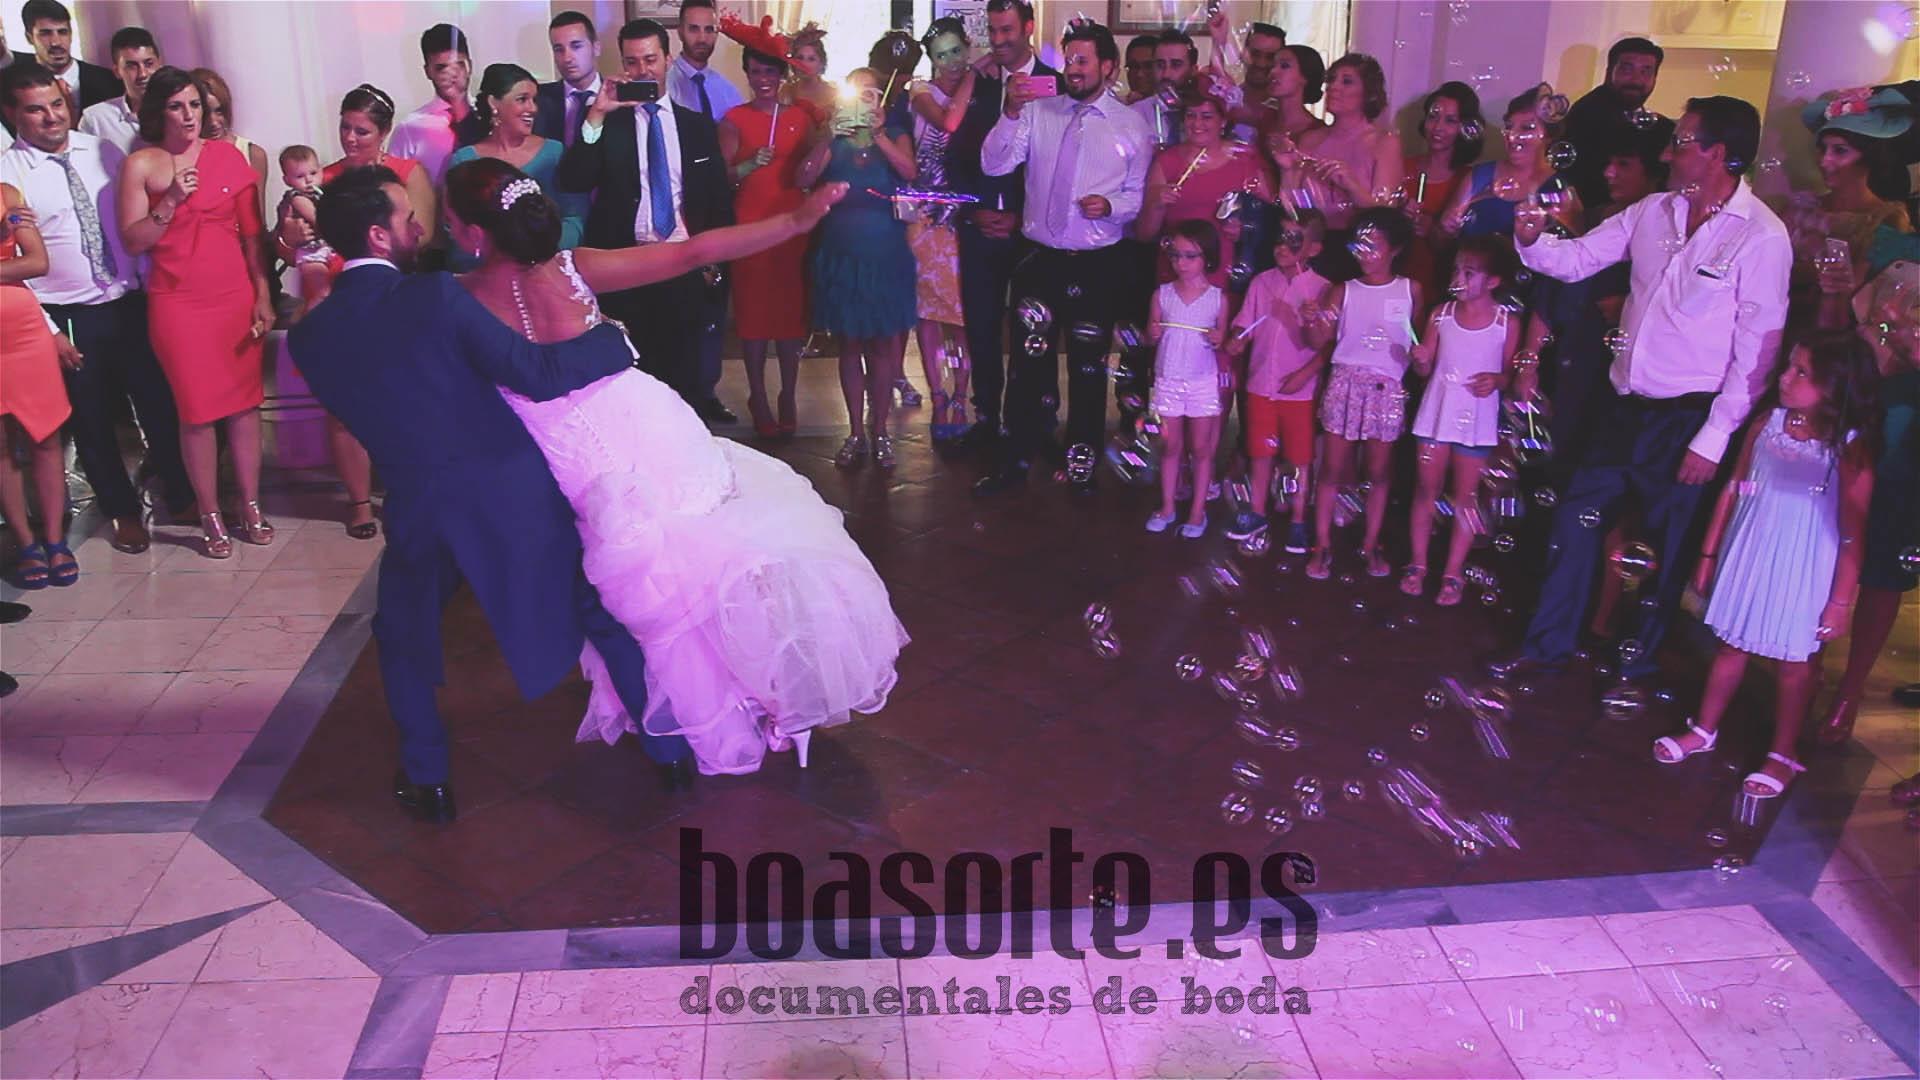 fotografo_bodas_jerez_boasorte27